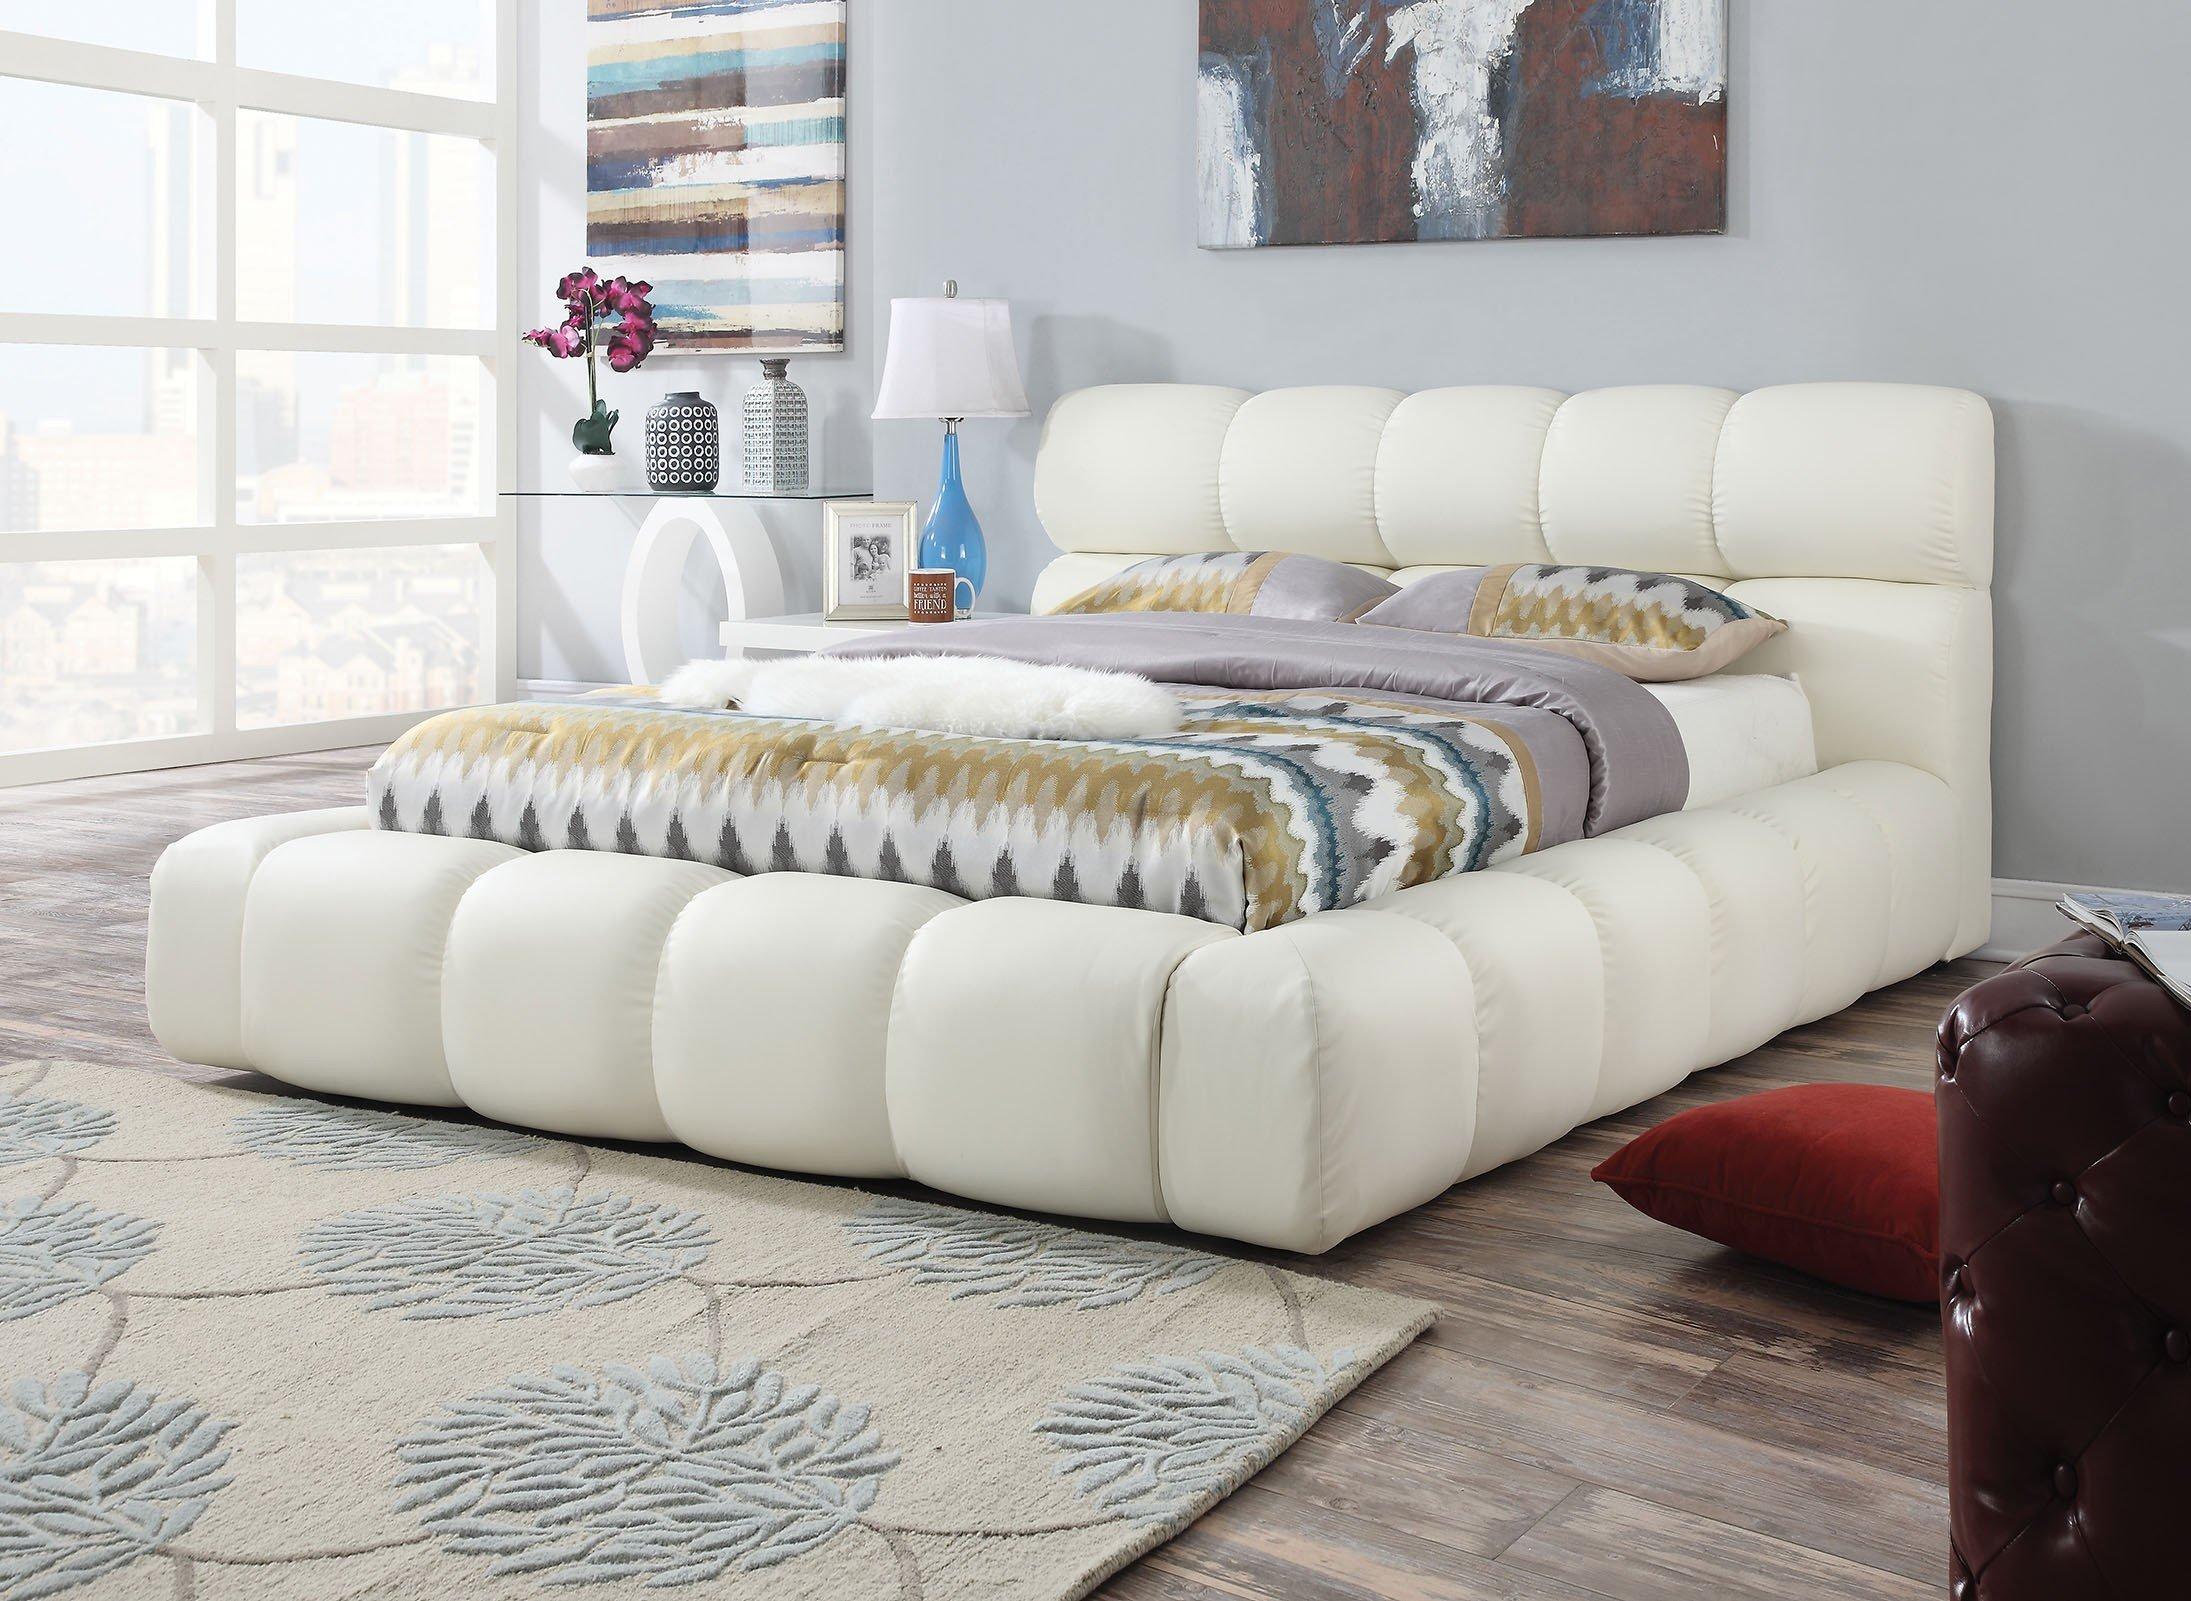 zayna furniture fort lauderdale fl 33311 yp com